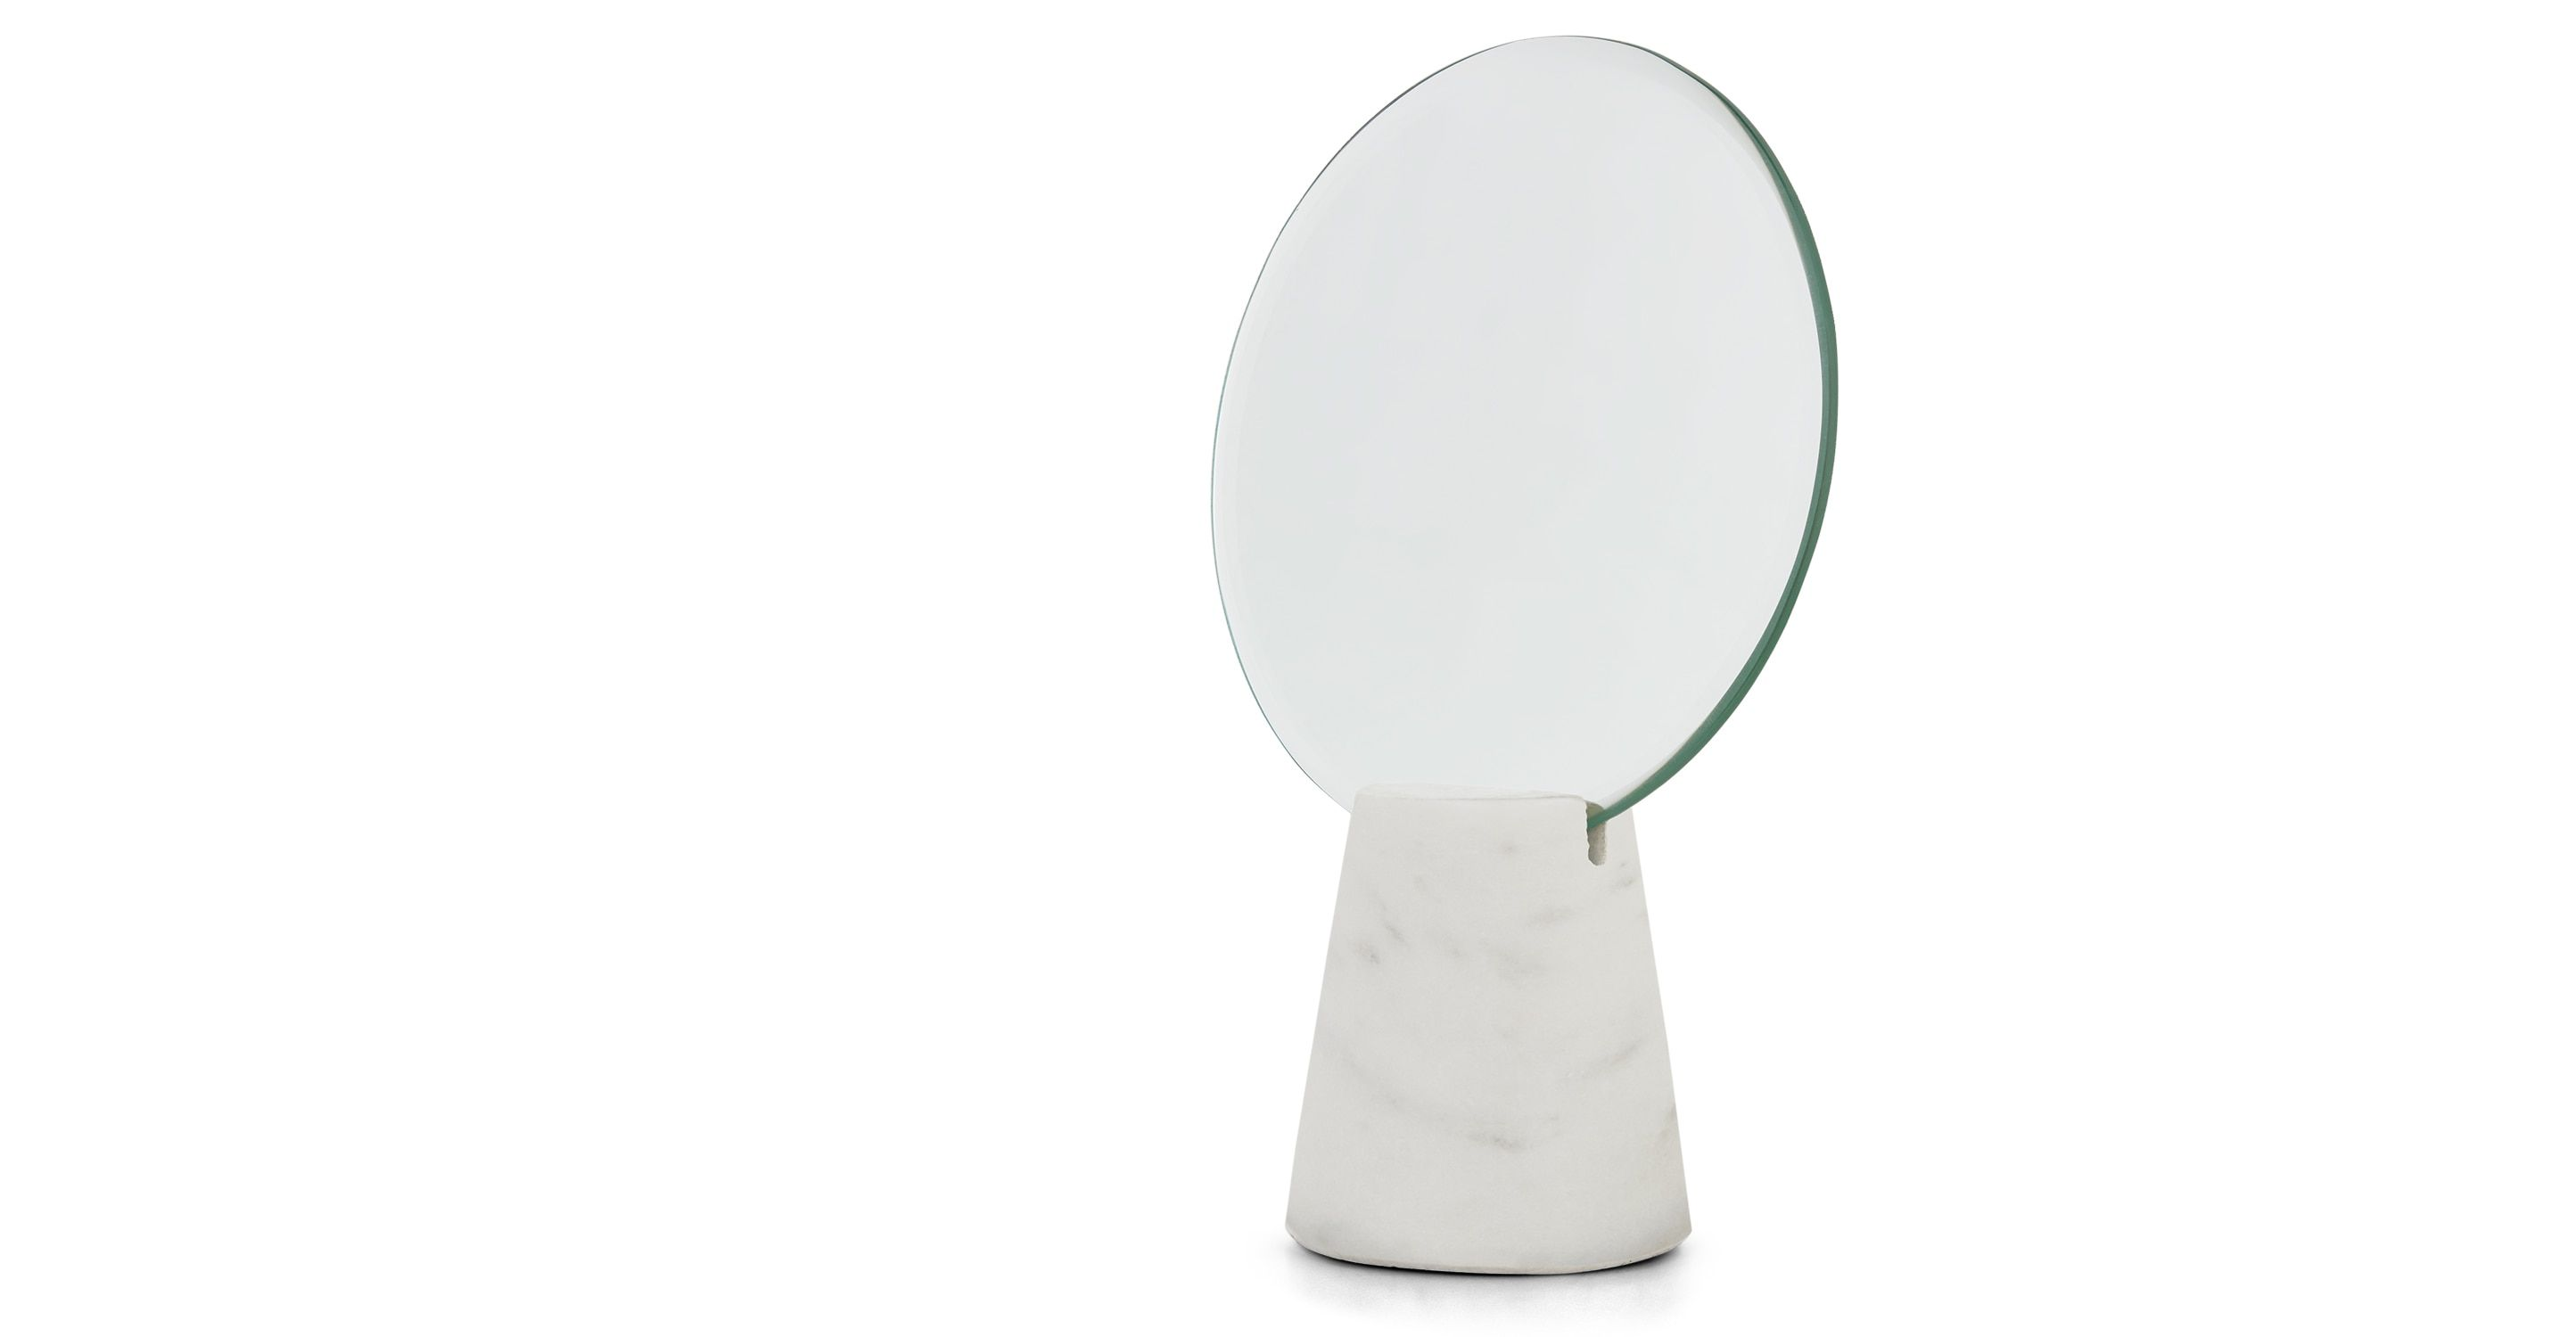 Spiegel Standspiegel malie tischspiegel marmor made com flur diele spiegel